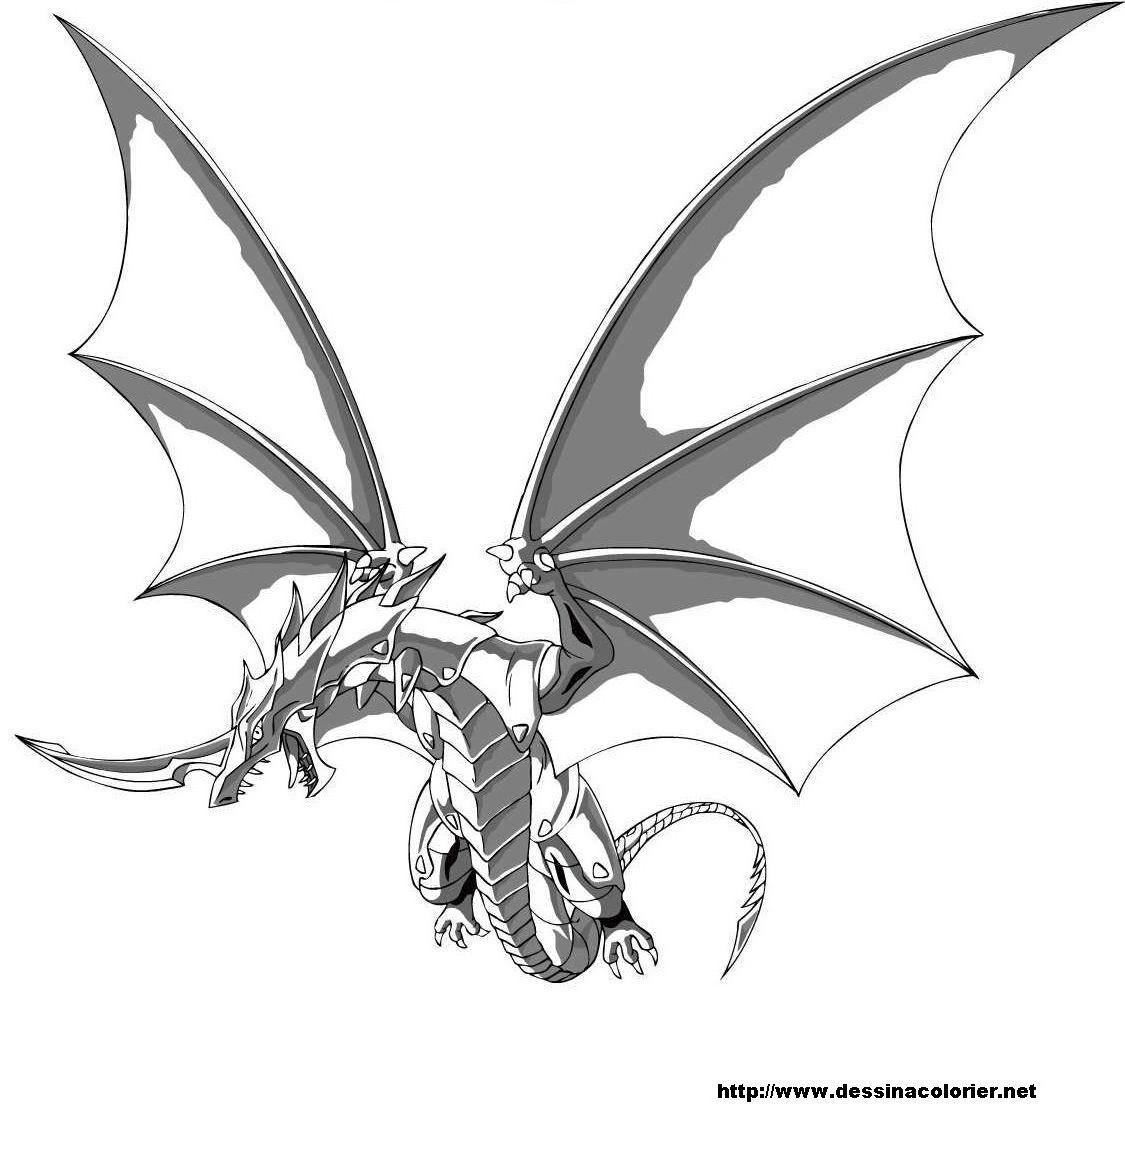 dessin de dinofroz